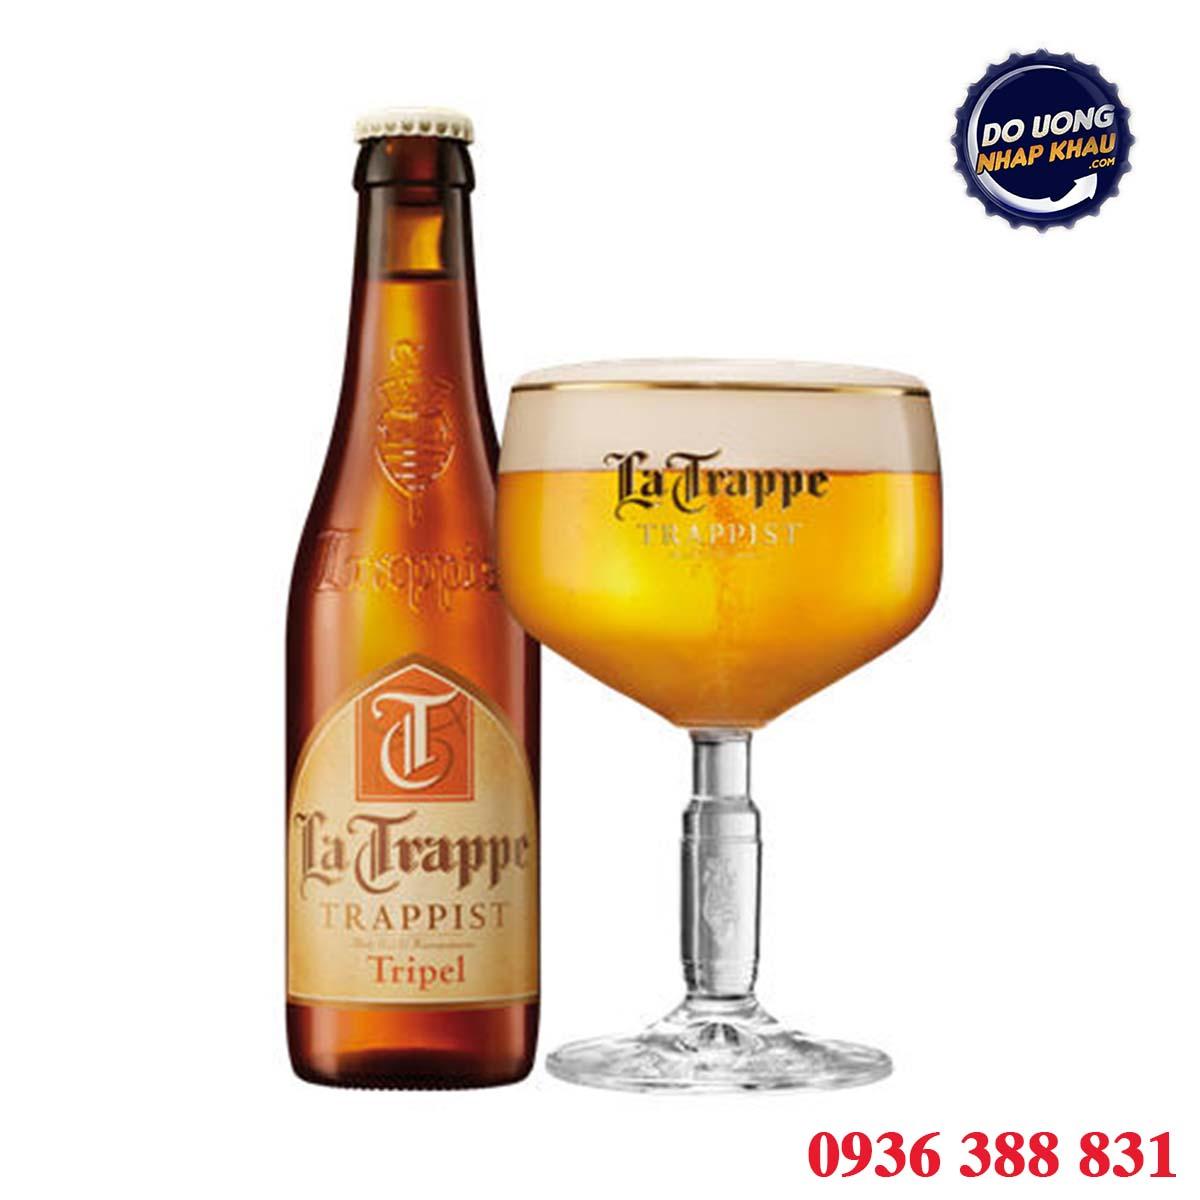 Bia La Trappe Trappist Tripel 8% Hà Lan